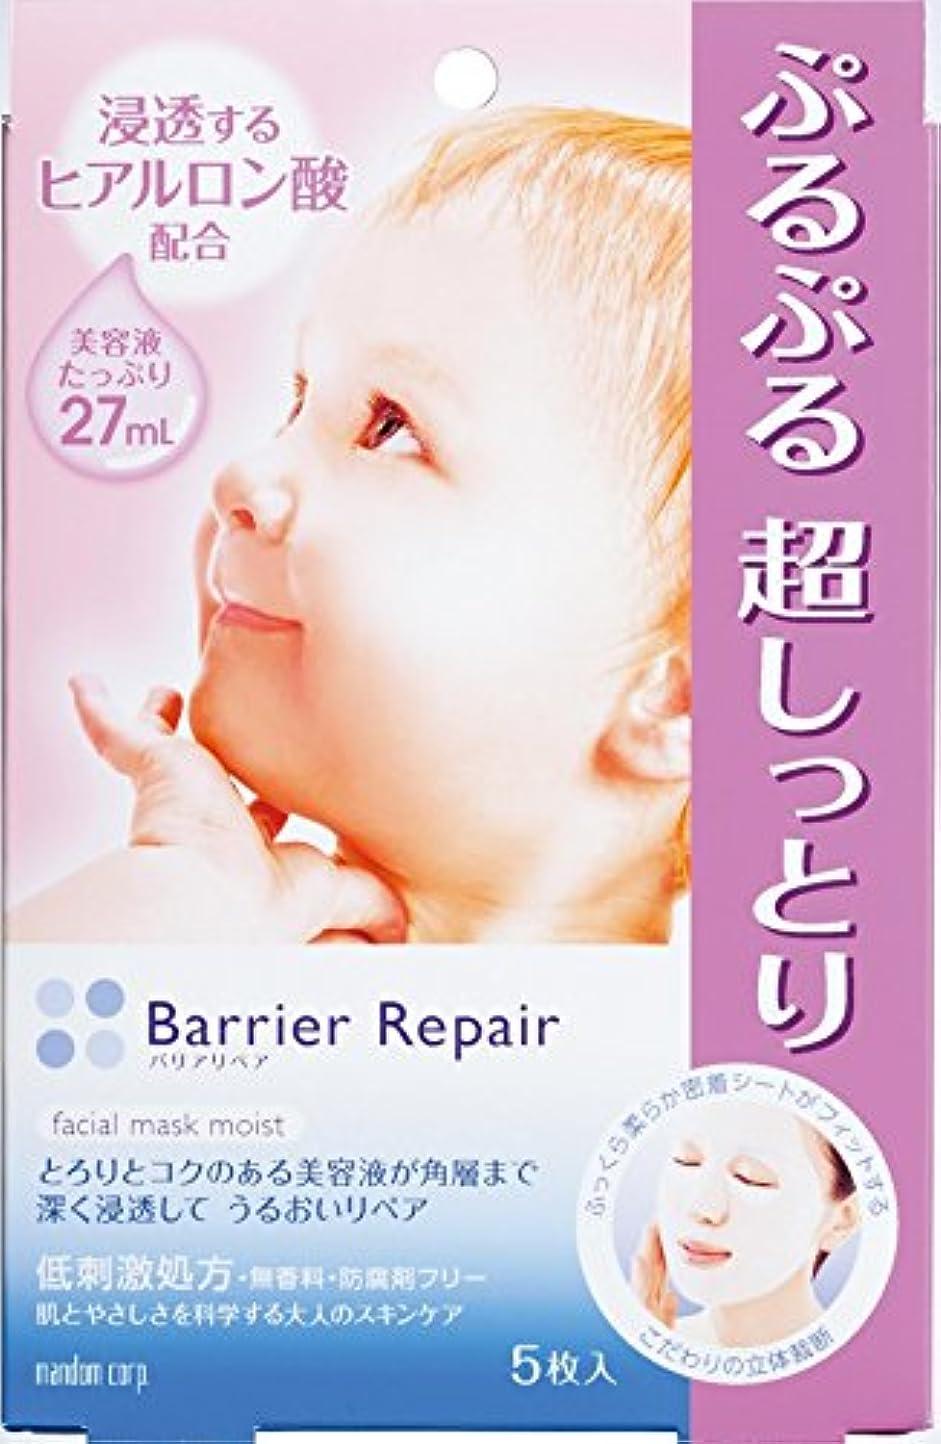 基本的なアンドリューハリディエミュレーションBarrier Repair (バリアリペア) シートマスク (ヒアルロン酸)  ぷるぷる超しっとりタイプ 5枚